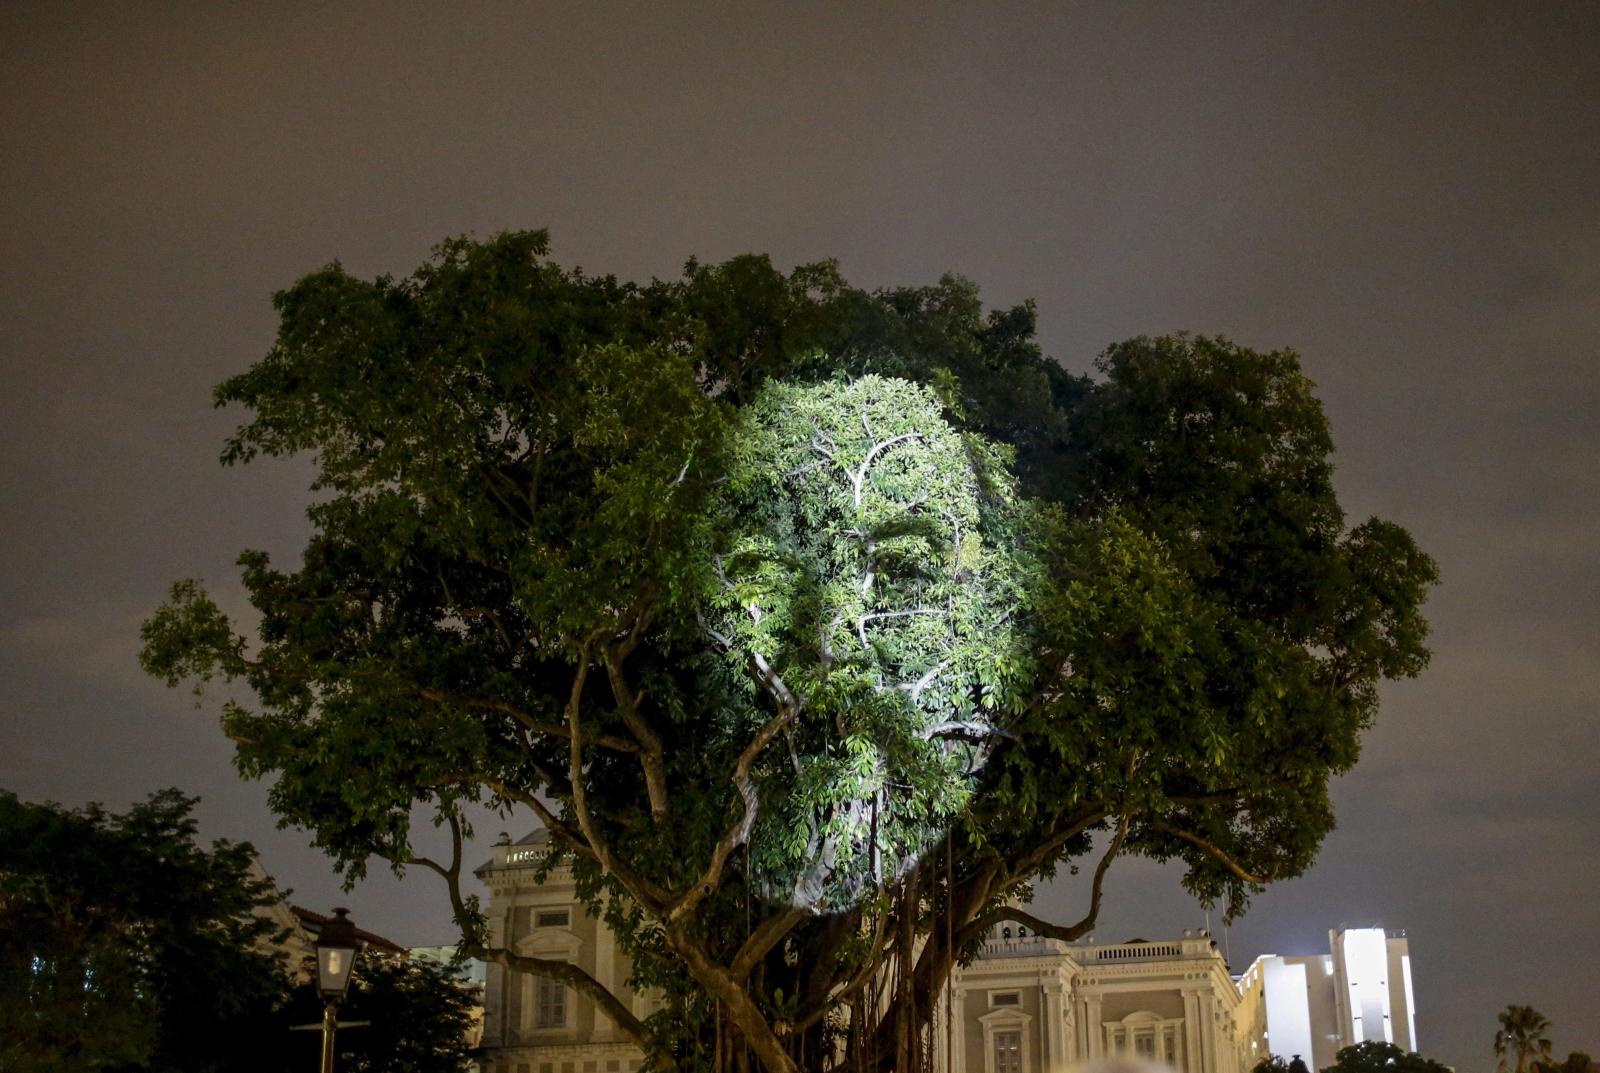 Twarz wyświetlona na drzewie na Festiwalu Sztuki w Singapurze.